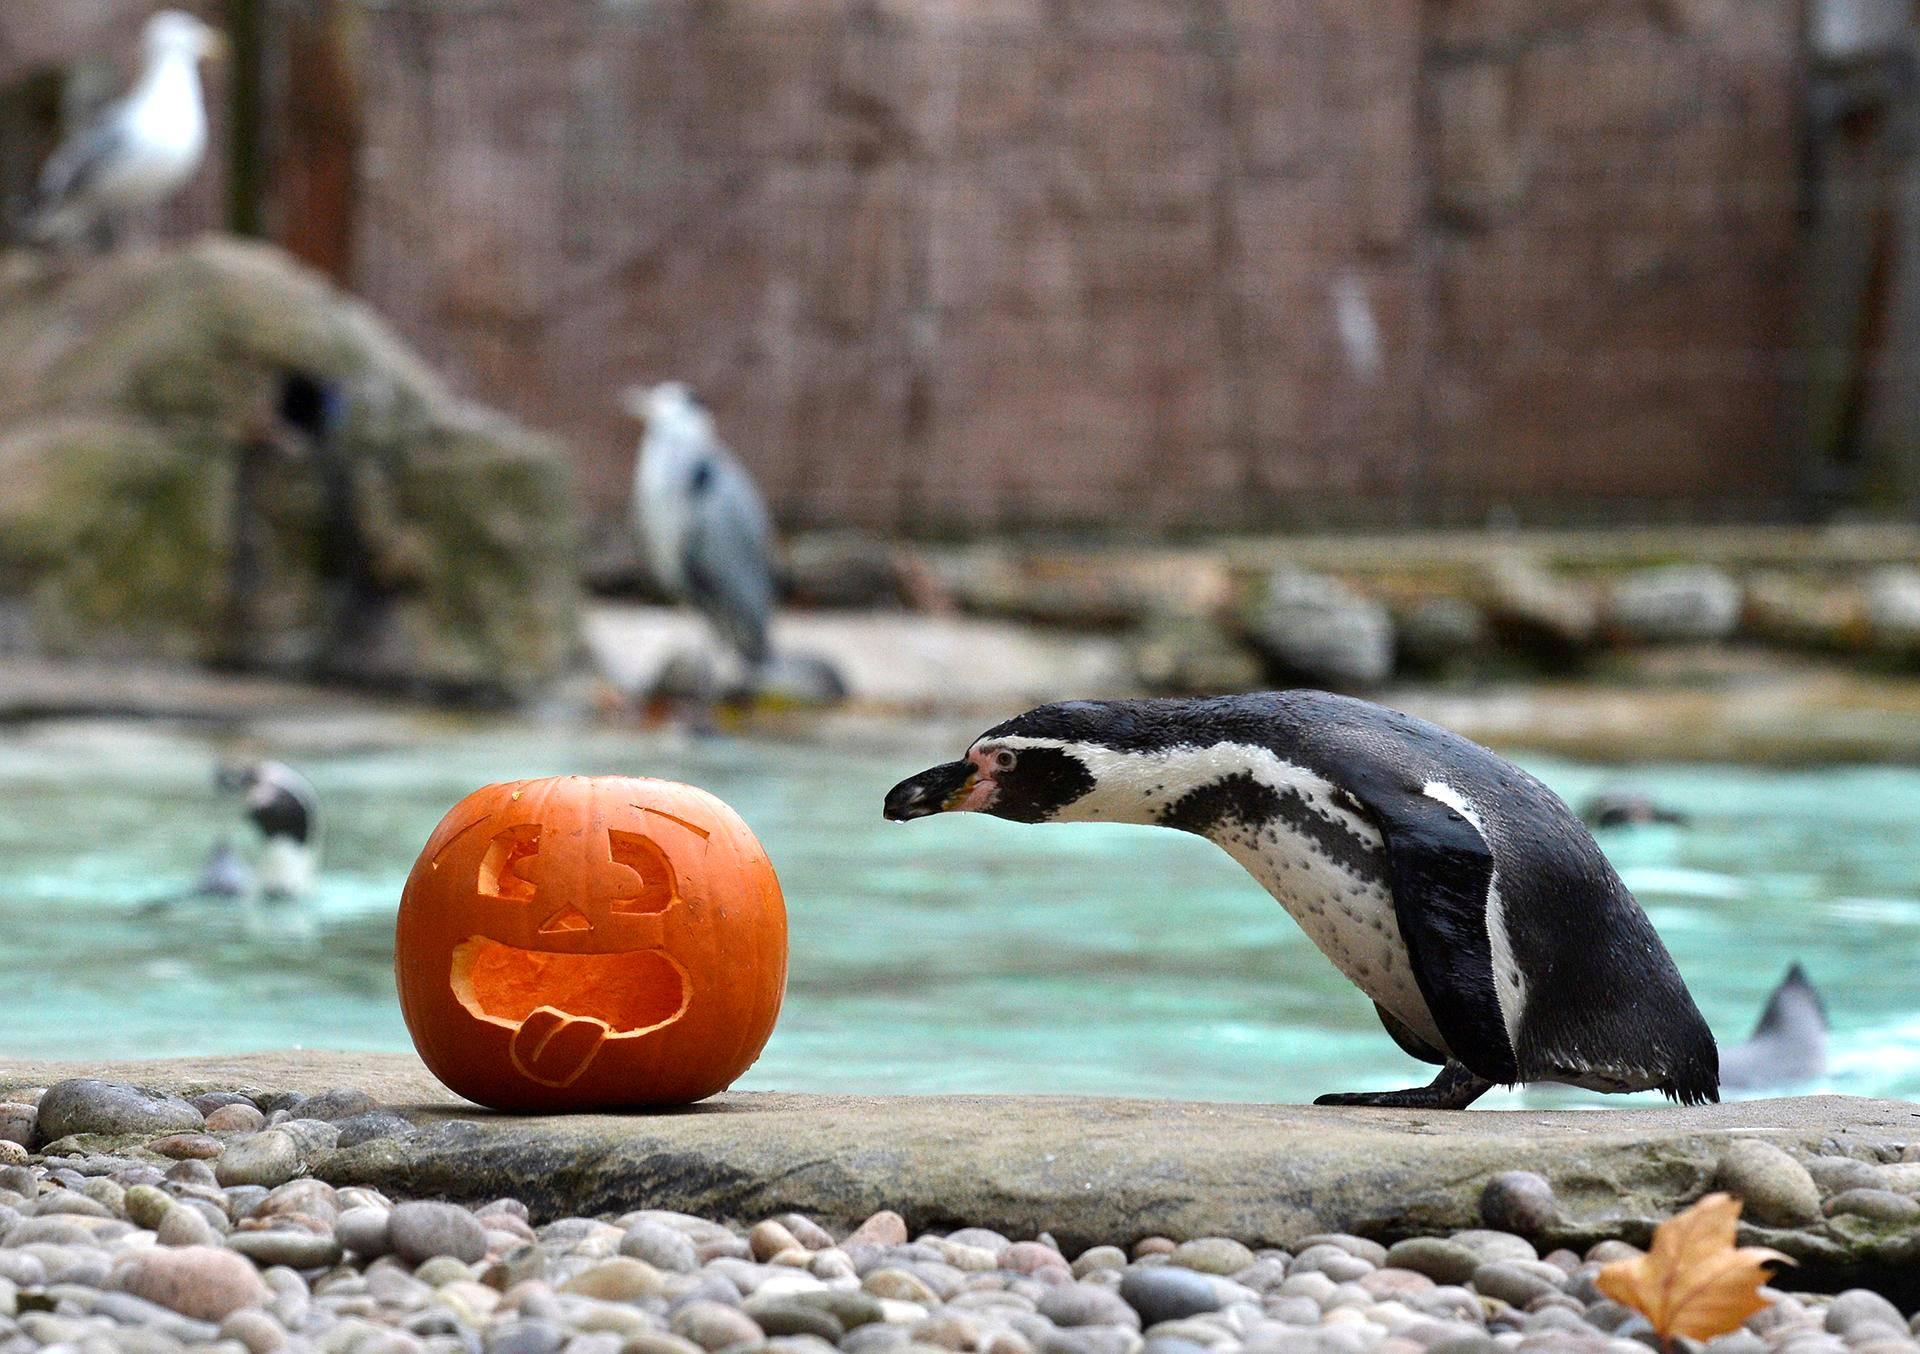 Perunpingviini tutki halloween-kurpitsaa Lontoon eläintarhassa.